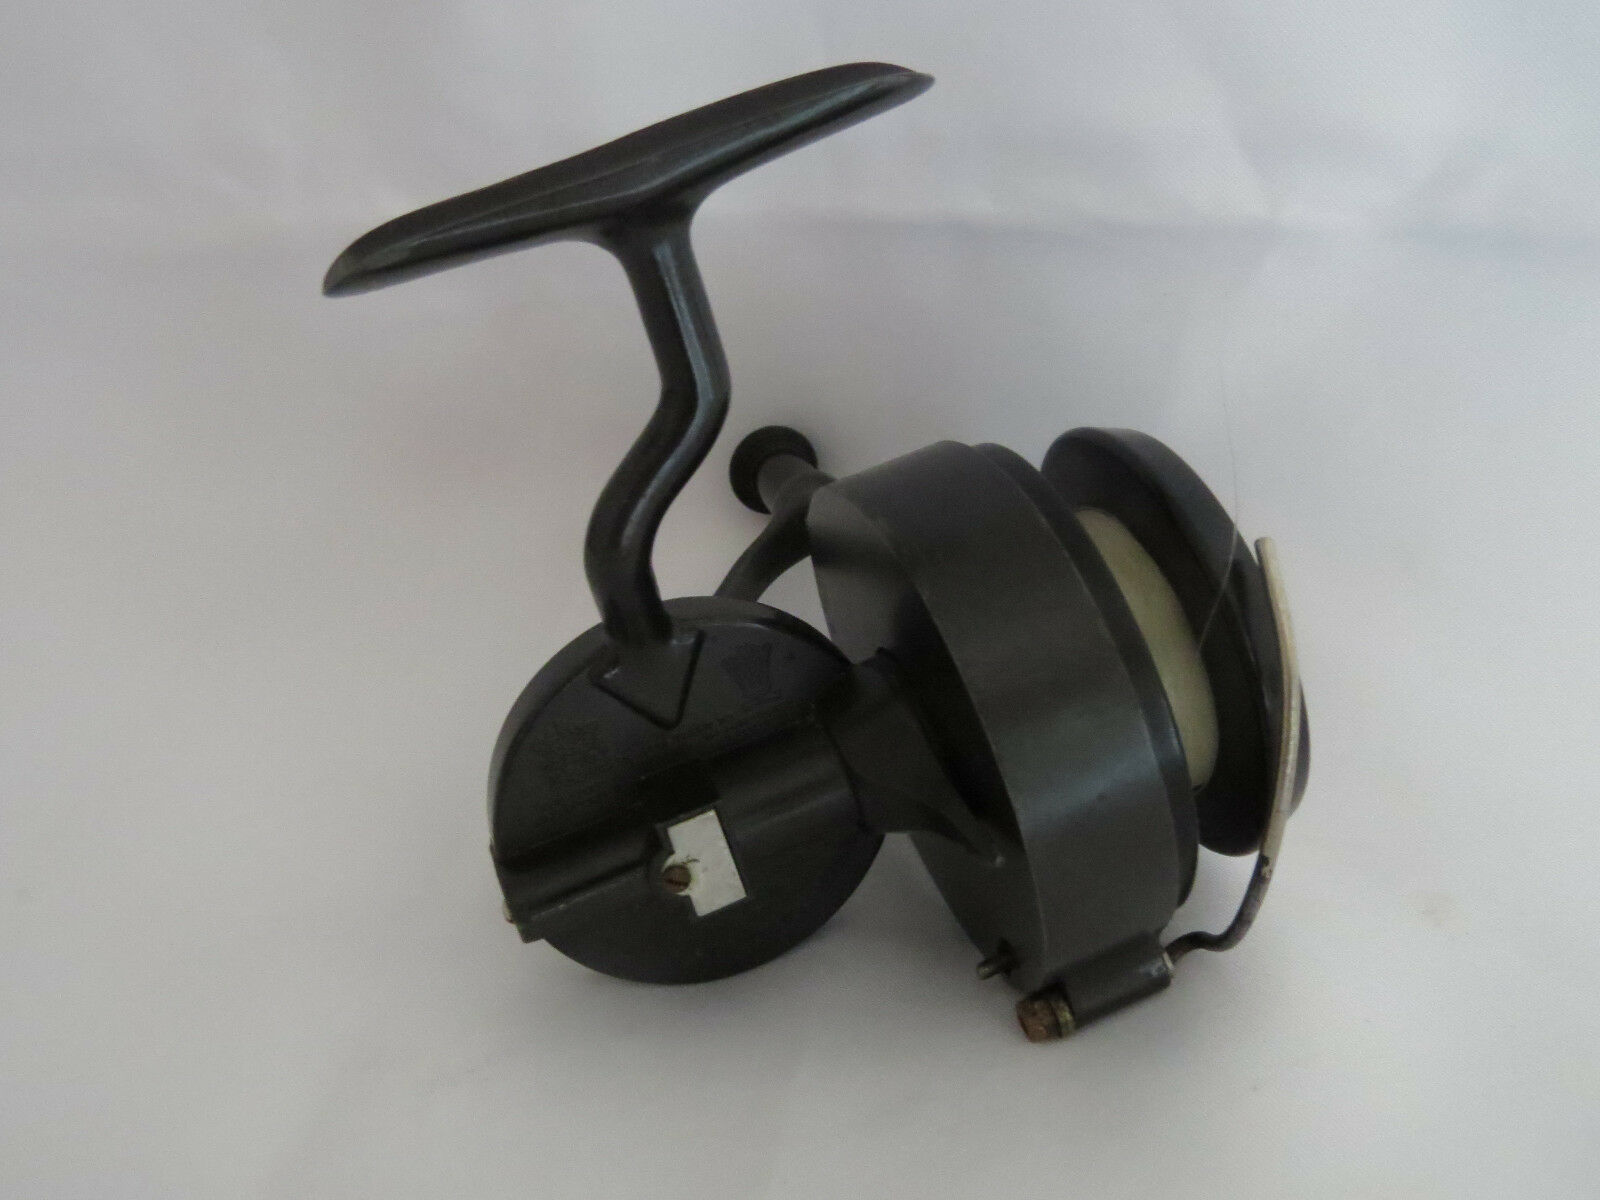 Hardy hardex NO11 MK11 Reel De Pesca Excelente Estado